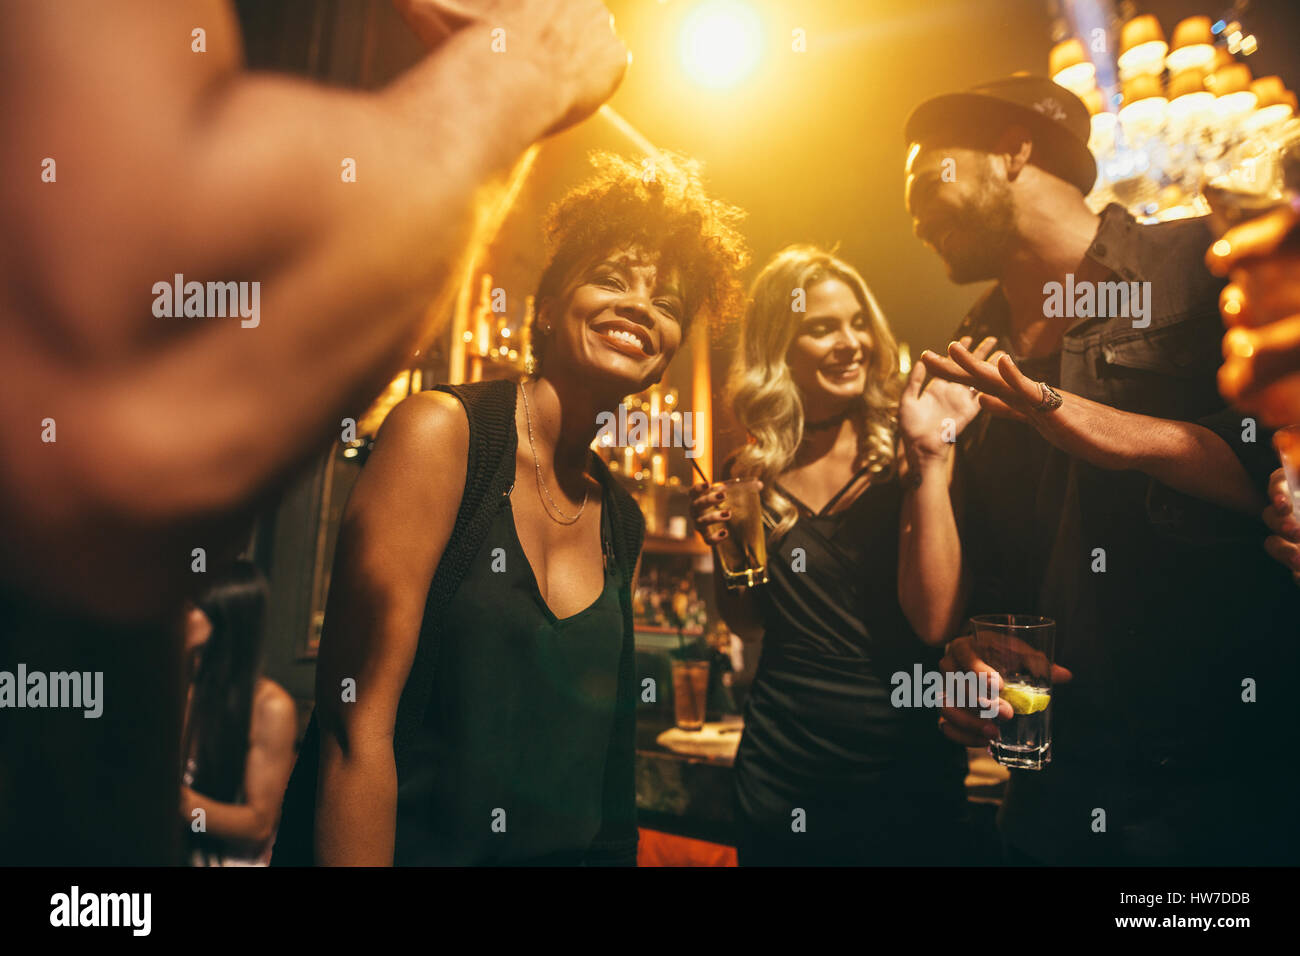 Imagen de los jóvenes feliz divirtiéndose en la discoteca. Grupo de amigos disfrutando de una fiesta en Imagen De Stock